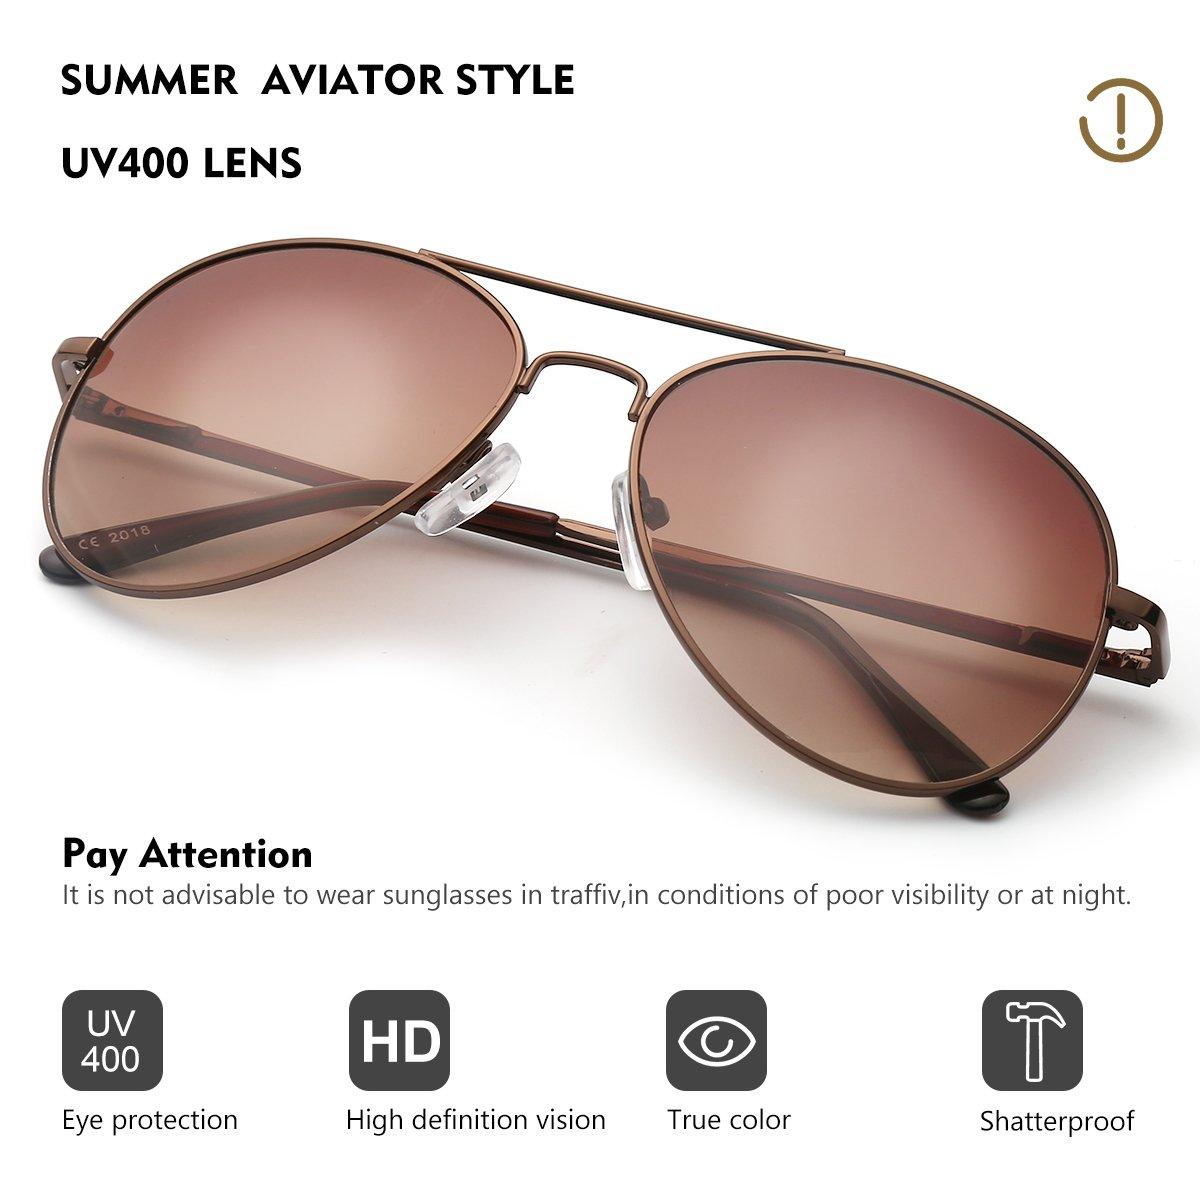 Occffy Pilotenbrille Sonnenbrille für Herren und Damen UV400 Schutz Metall Rahmen (Silberrahmen mit Silber Spiegellinse) 6bgDclHqd